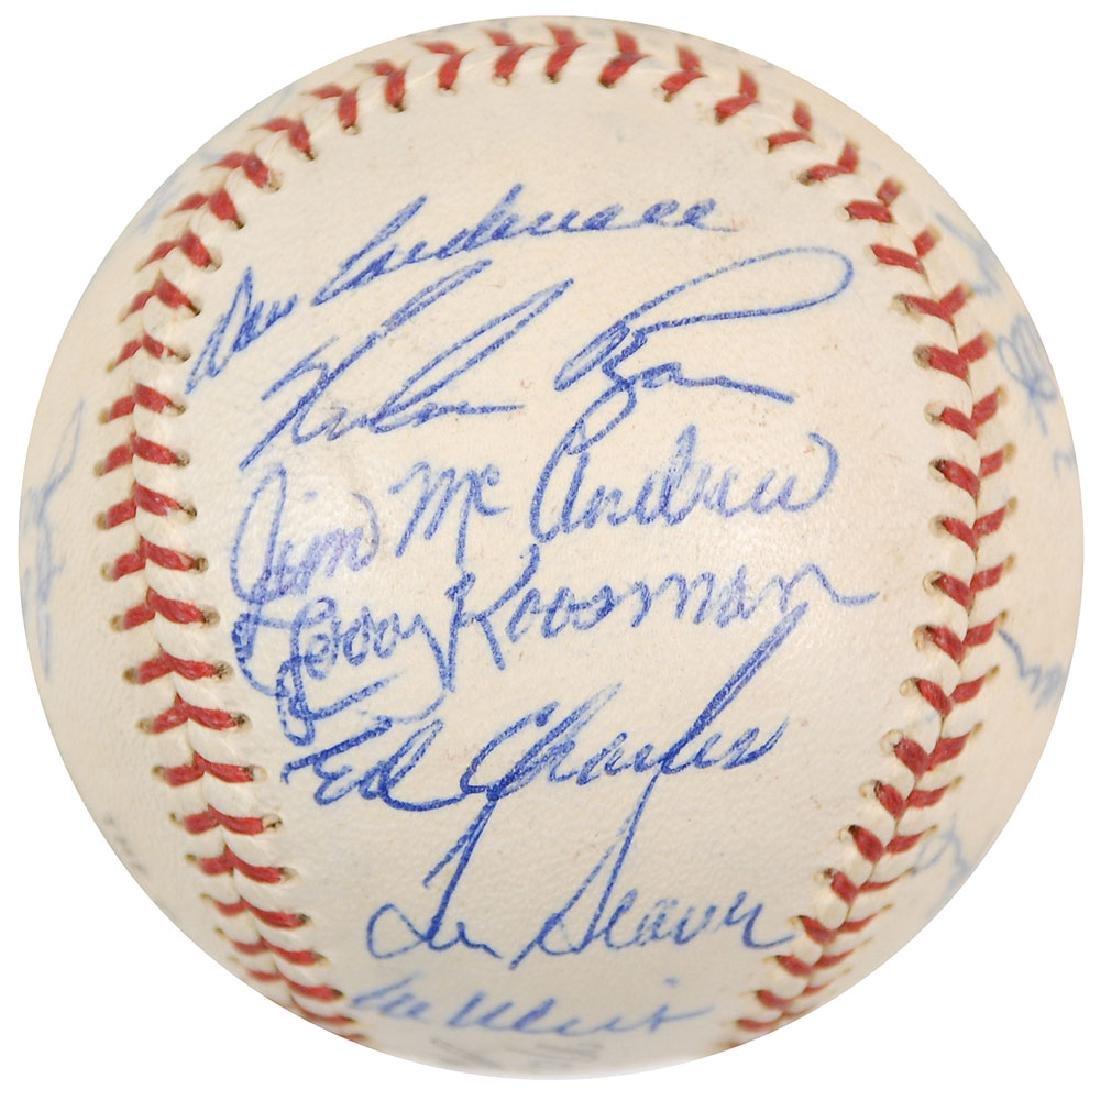 NY Mets: 1969